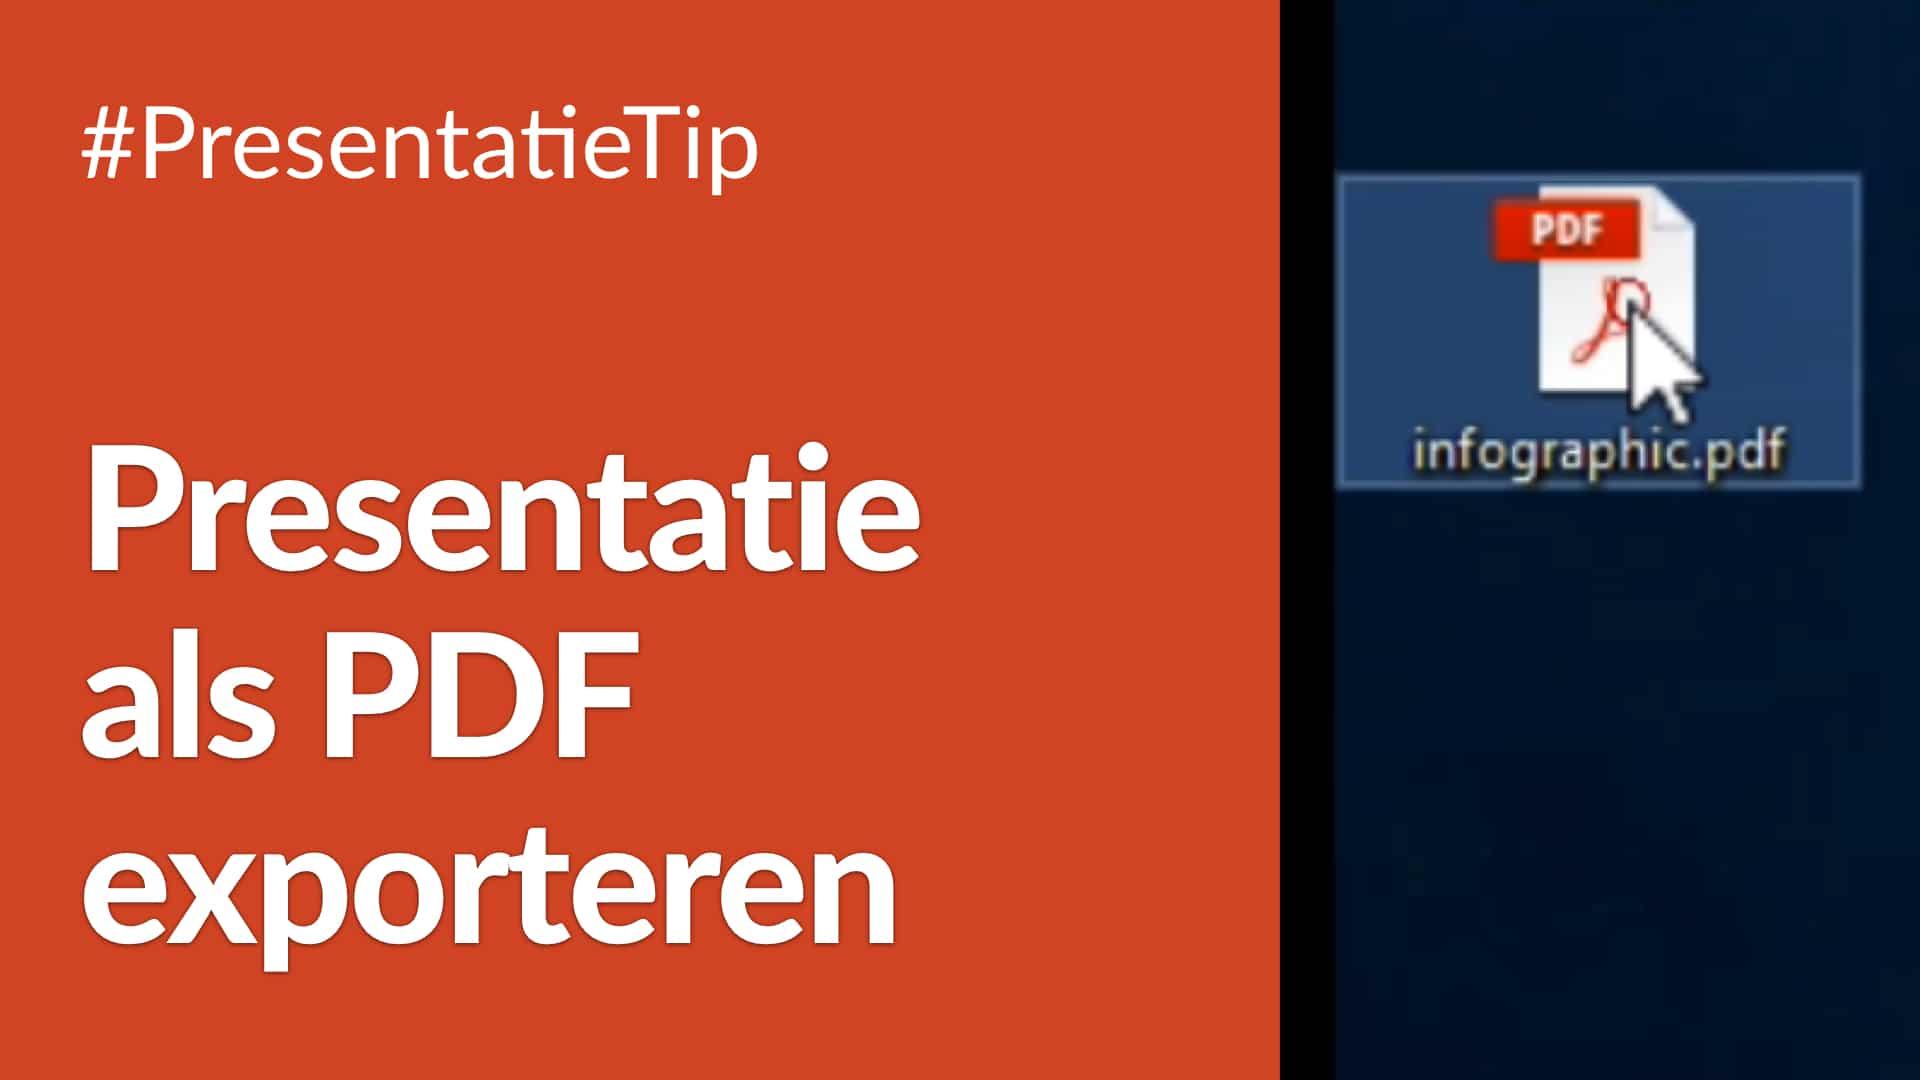 Presentatie als PDF exporteren